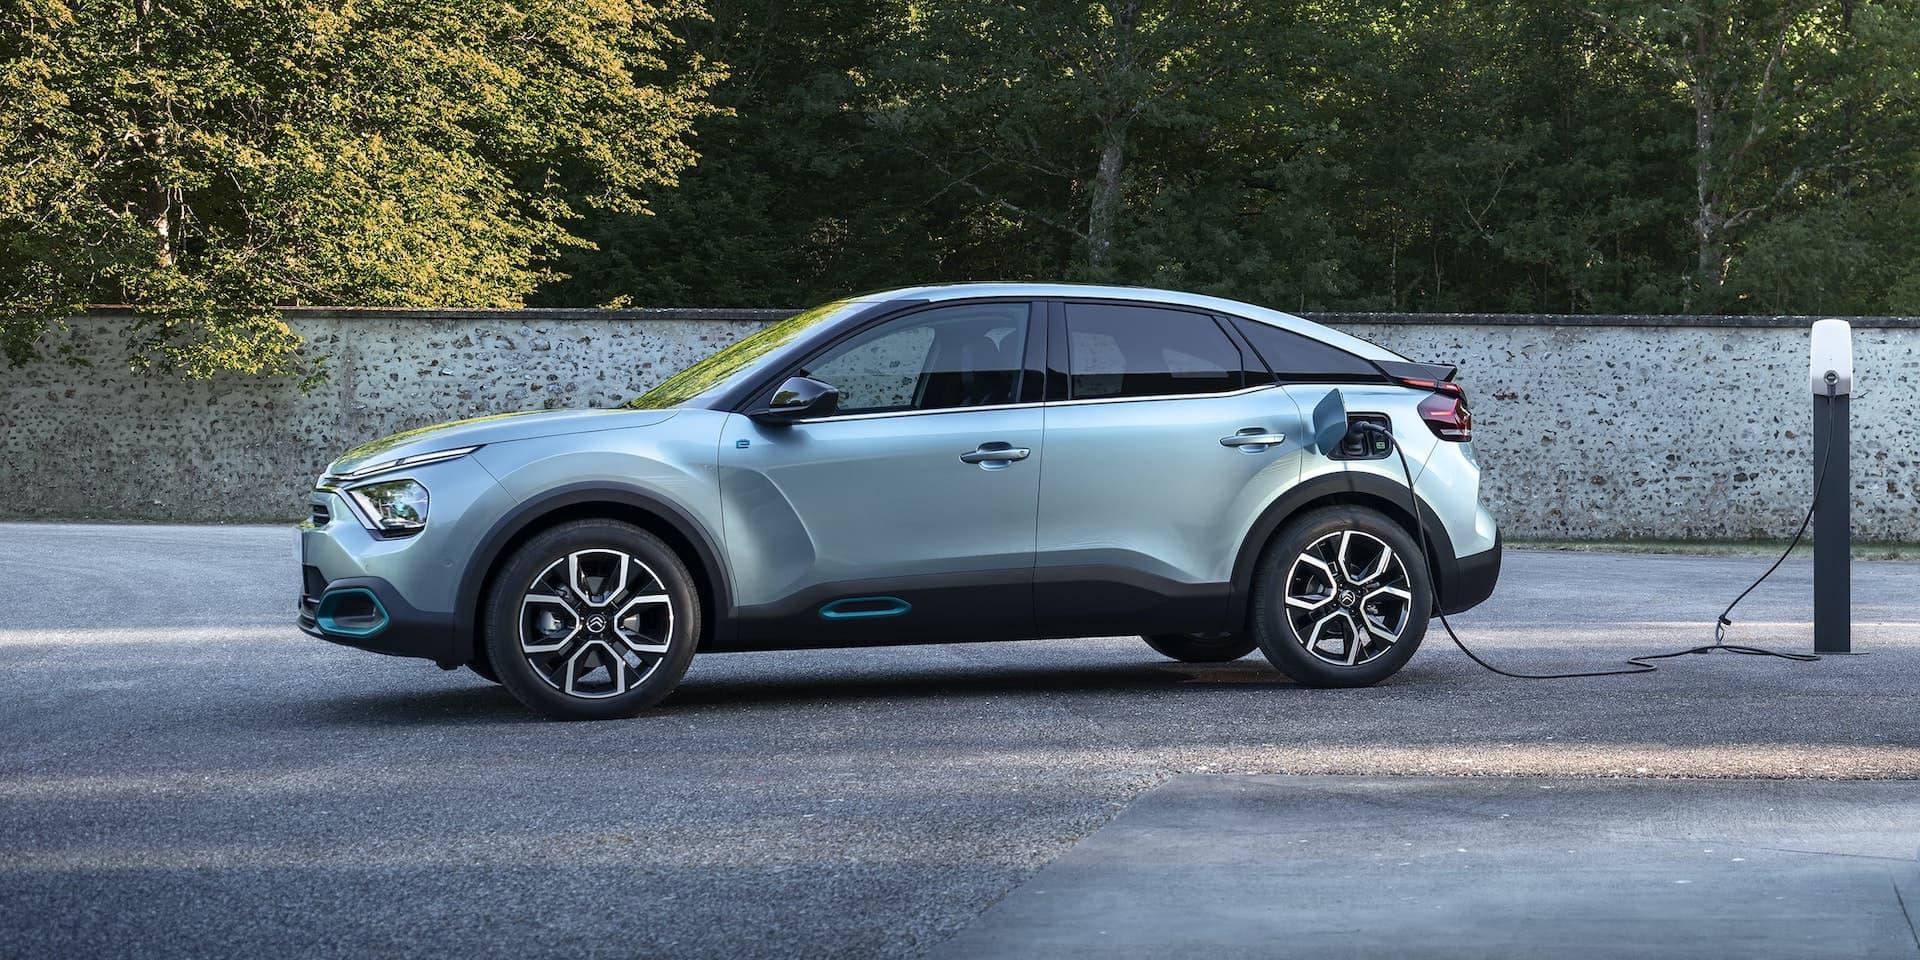 Citroën ë-C4 preview